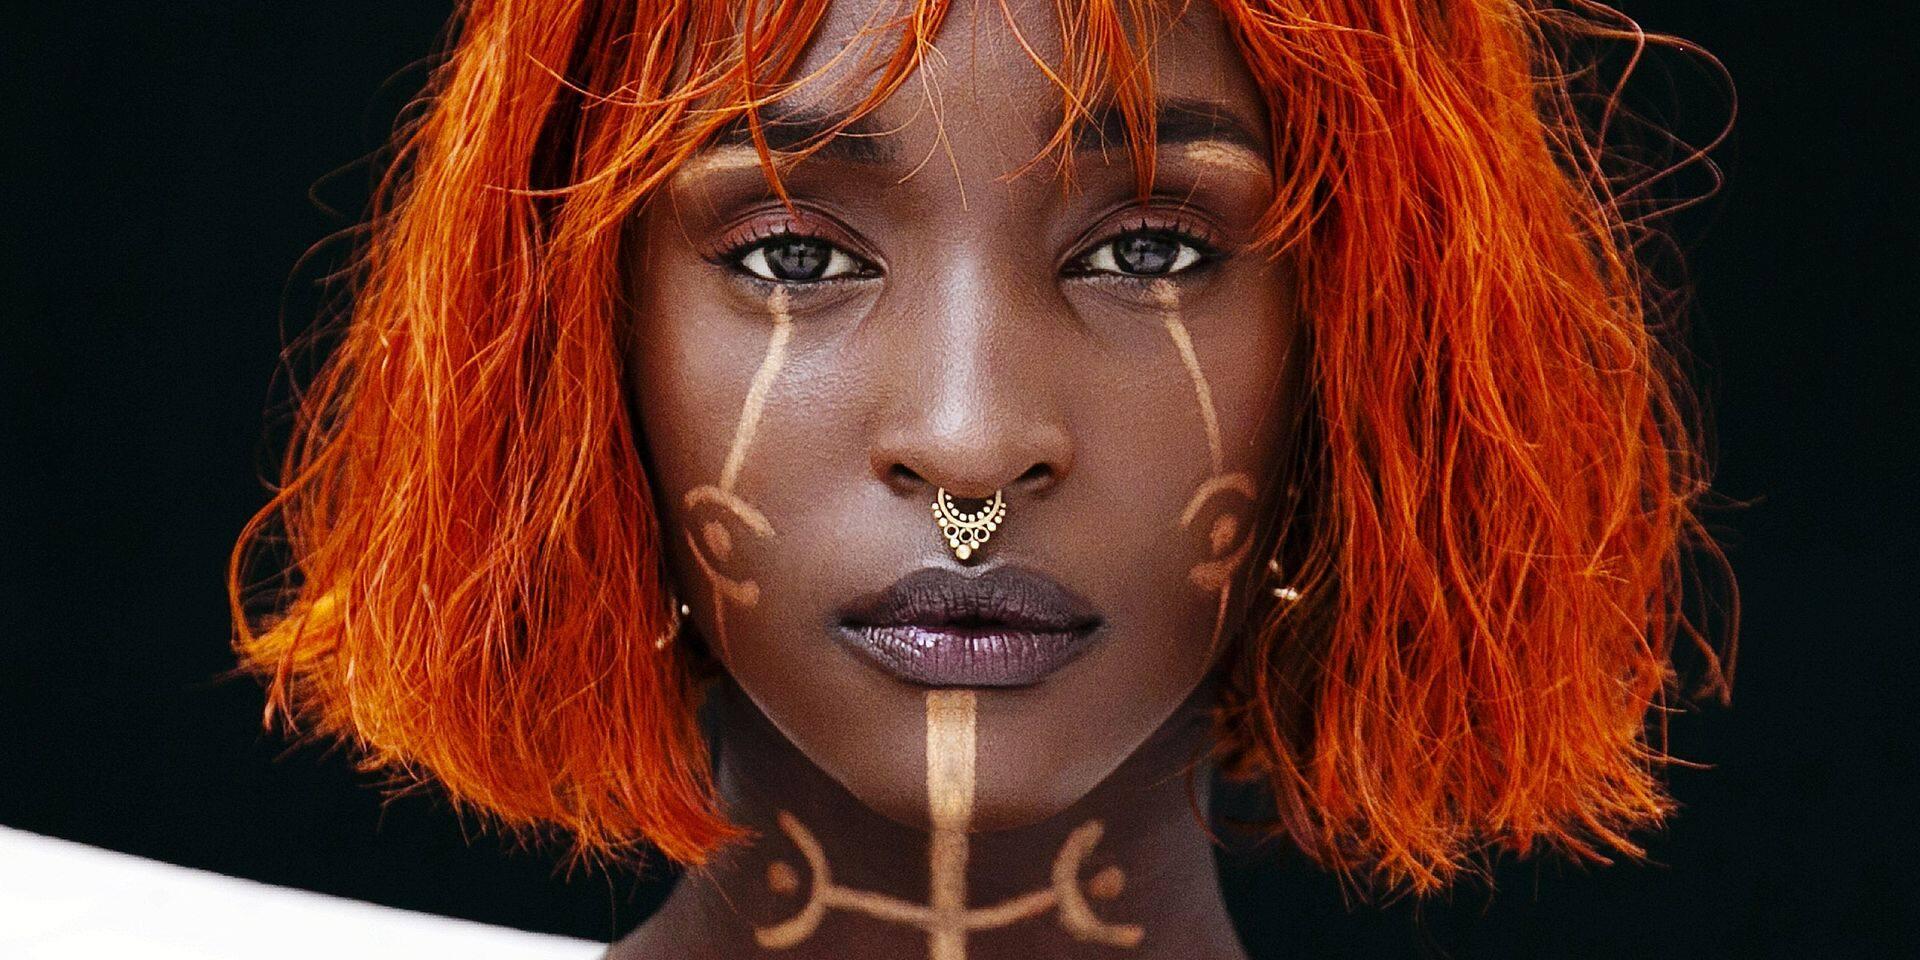 """La jeune artiste belge Lous And The Yakuza a co-organisé la manif Black Lives Matter : """"j'ai reçu des menaces de mort, mais je n'arrête pas le combat"""""""